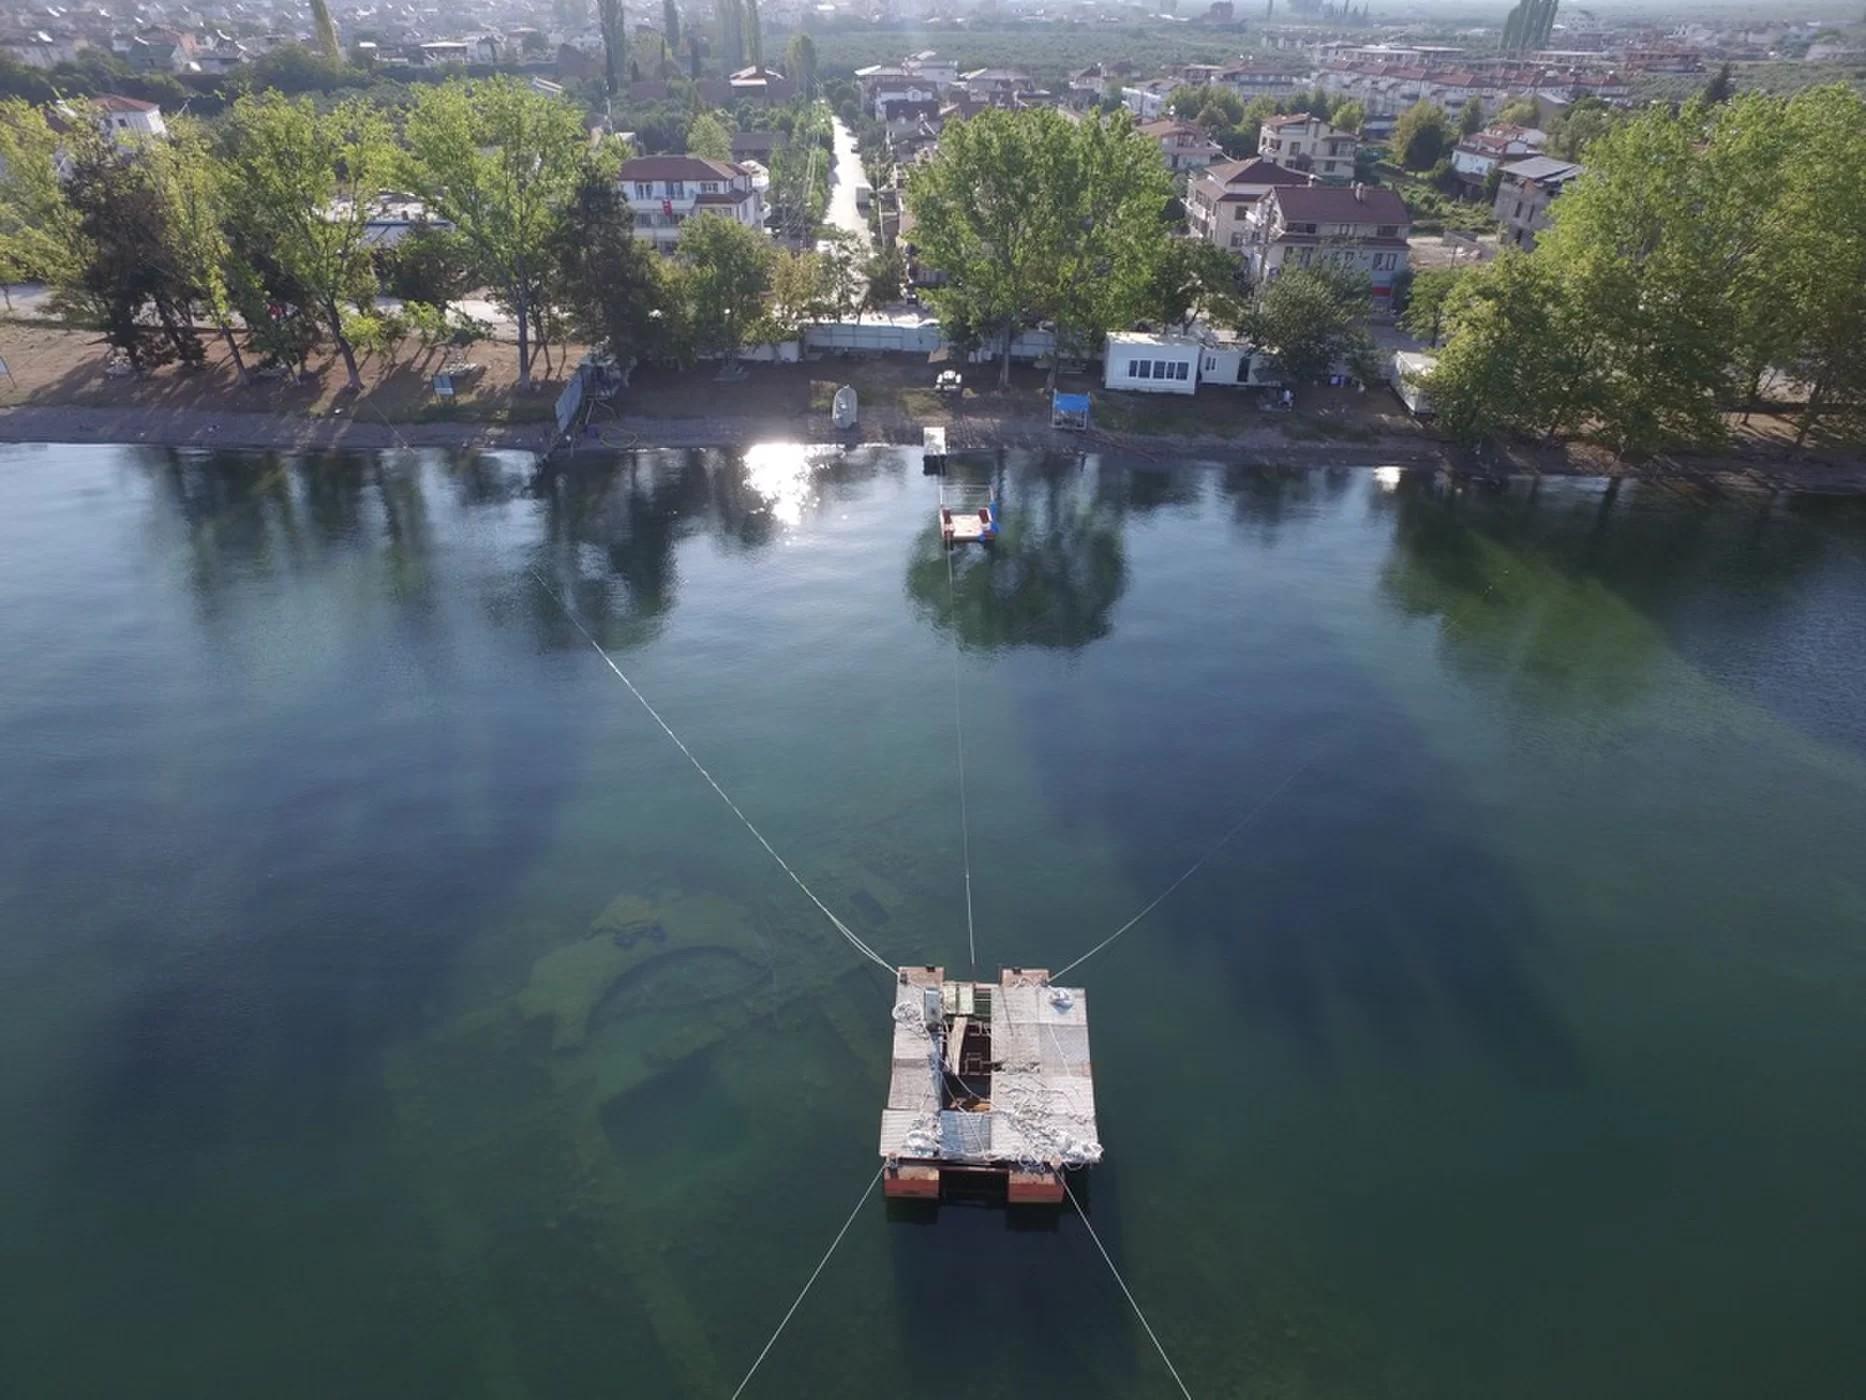 Escavação aquática encontrou escombros a três metros de profundidade (Foto: Mustafa Şahin/Lake Iznik Excavation Archive)